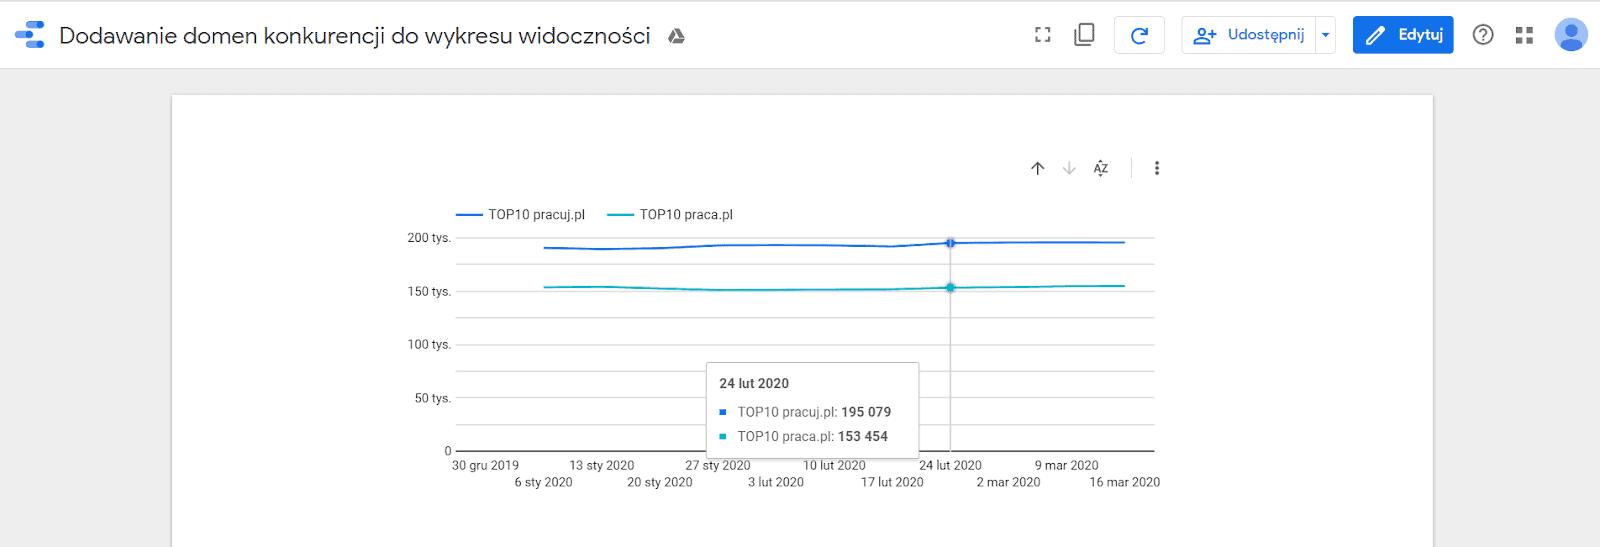 Porównanie widoczności domen wGoogle Data Studio napodstawie danych zSenuto